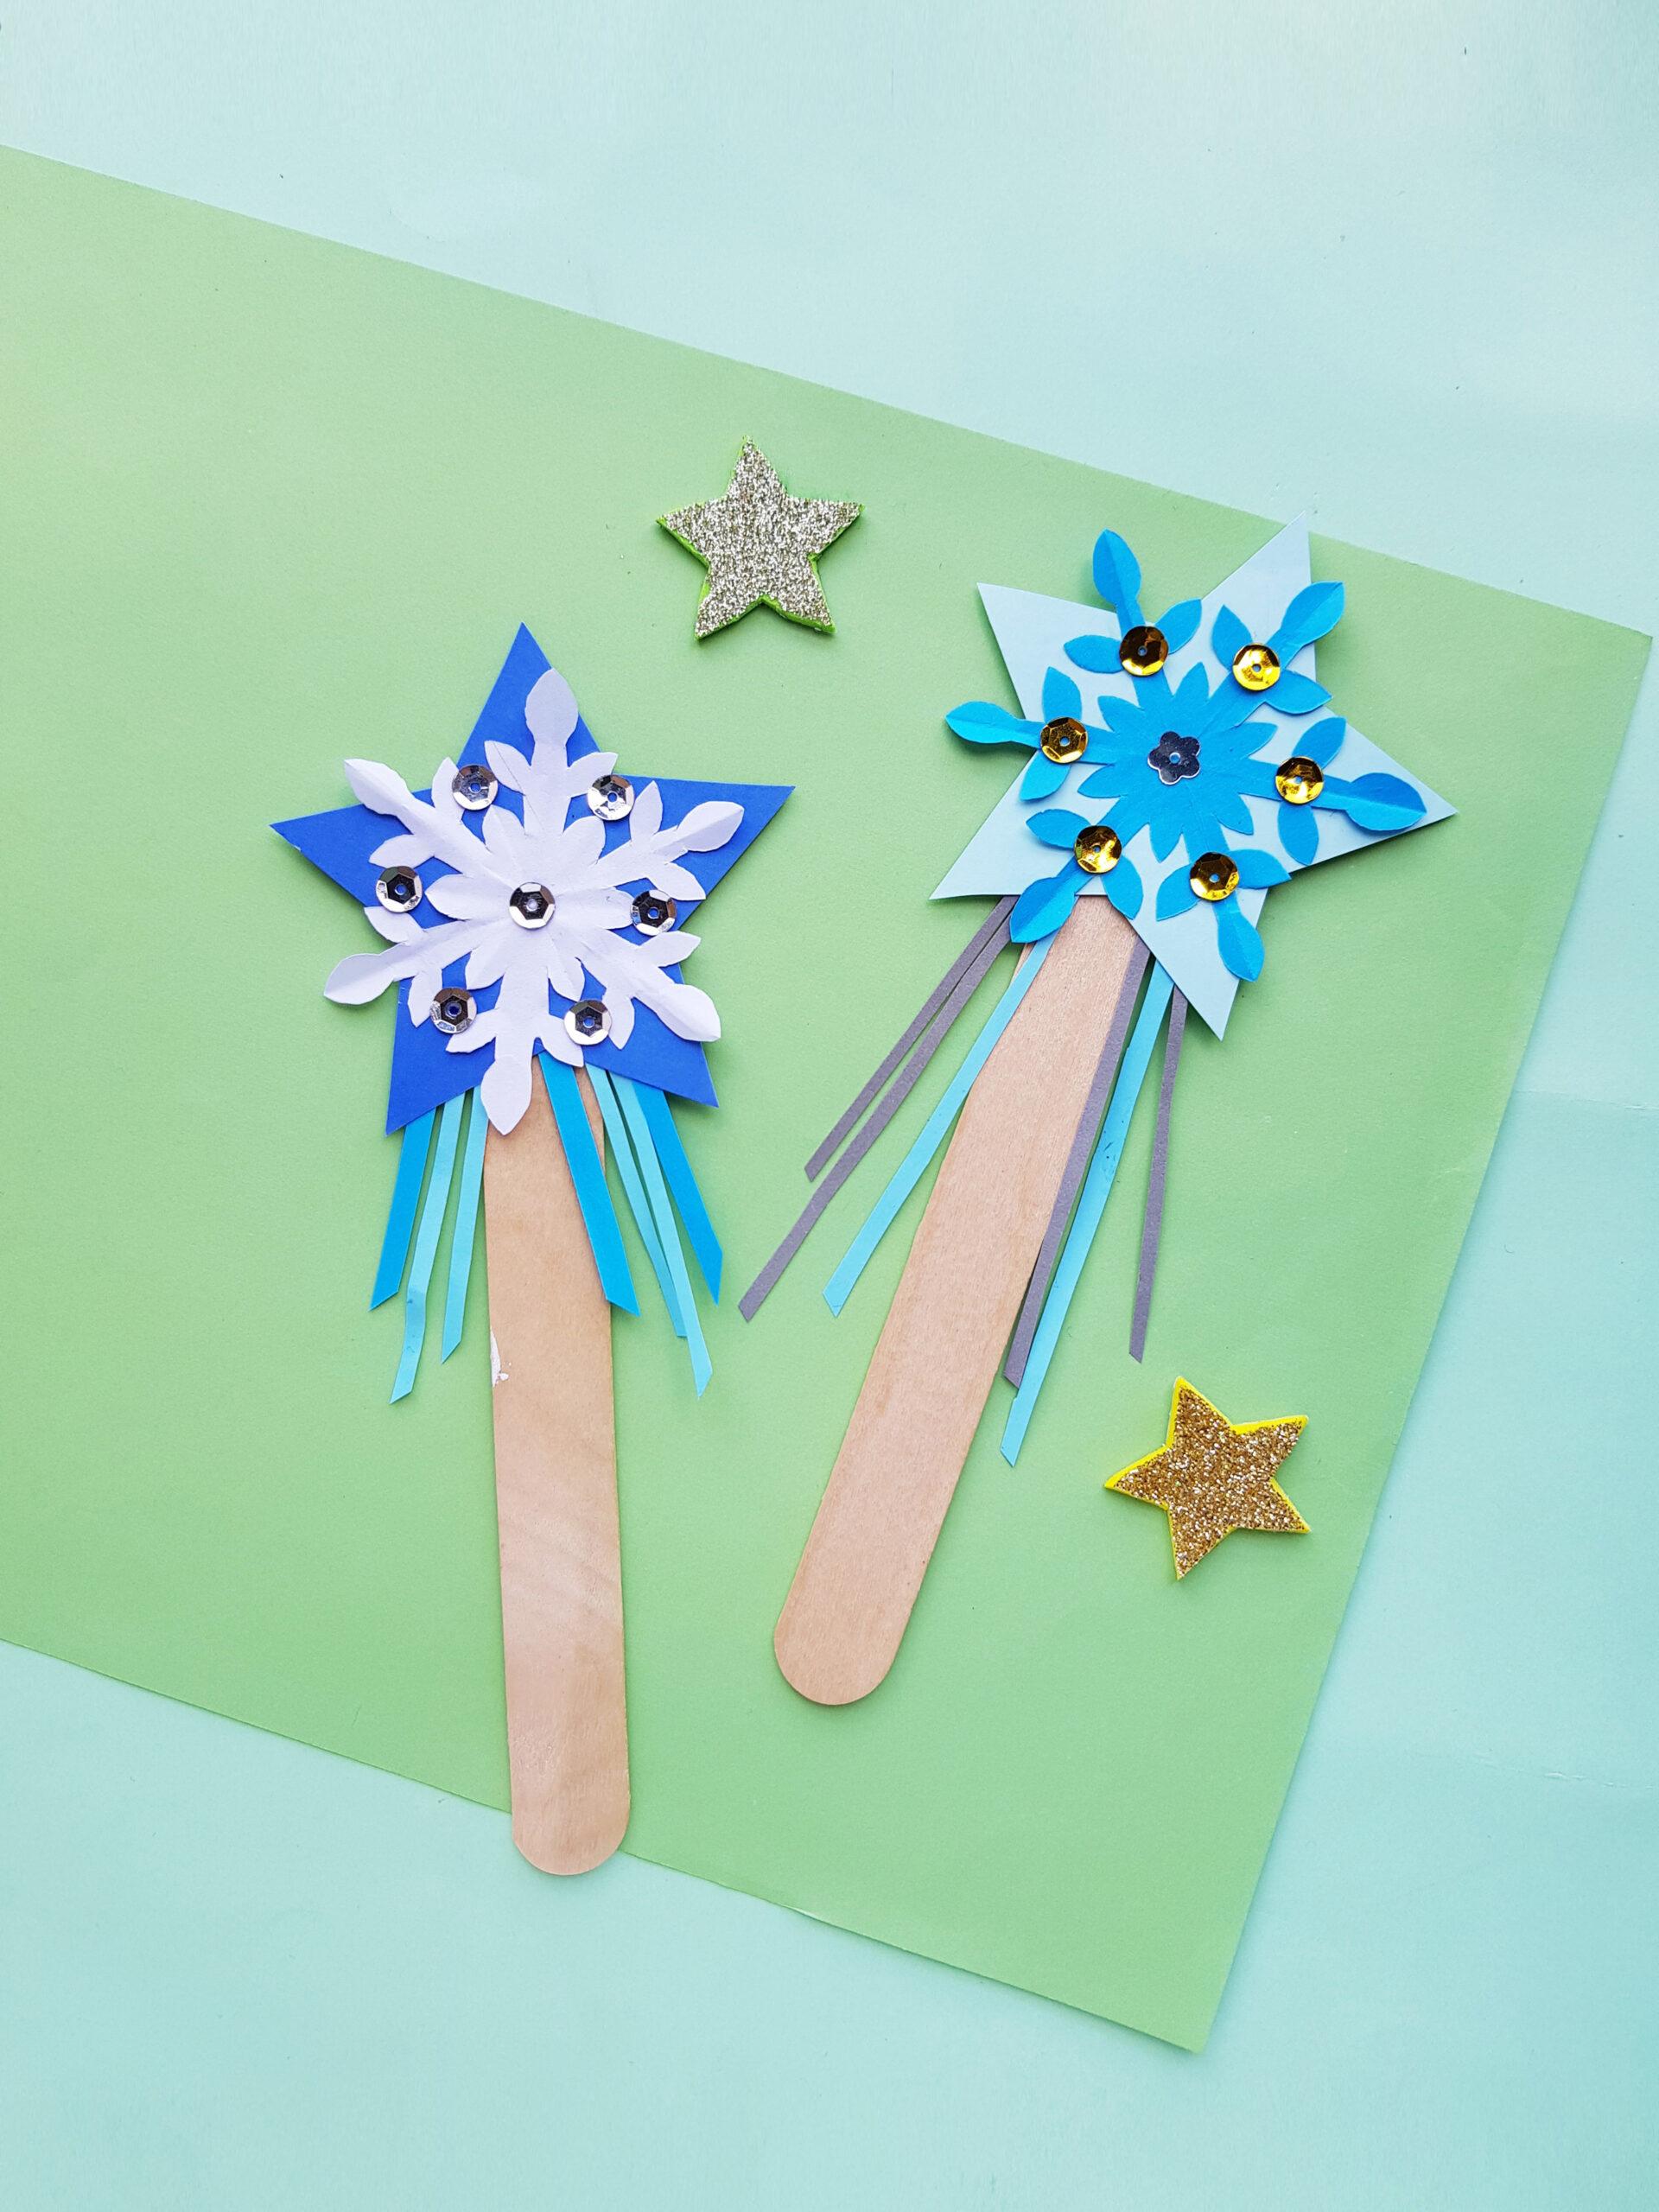 Frozen Inspired Felt Princess Wand